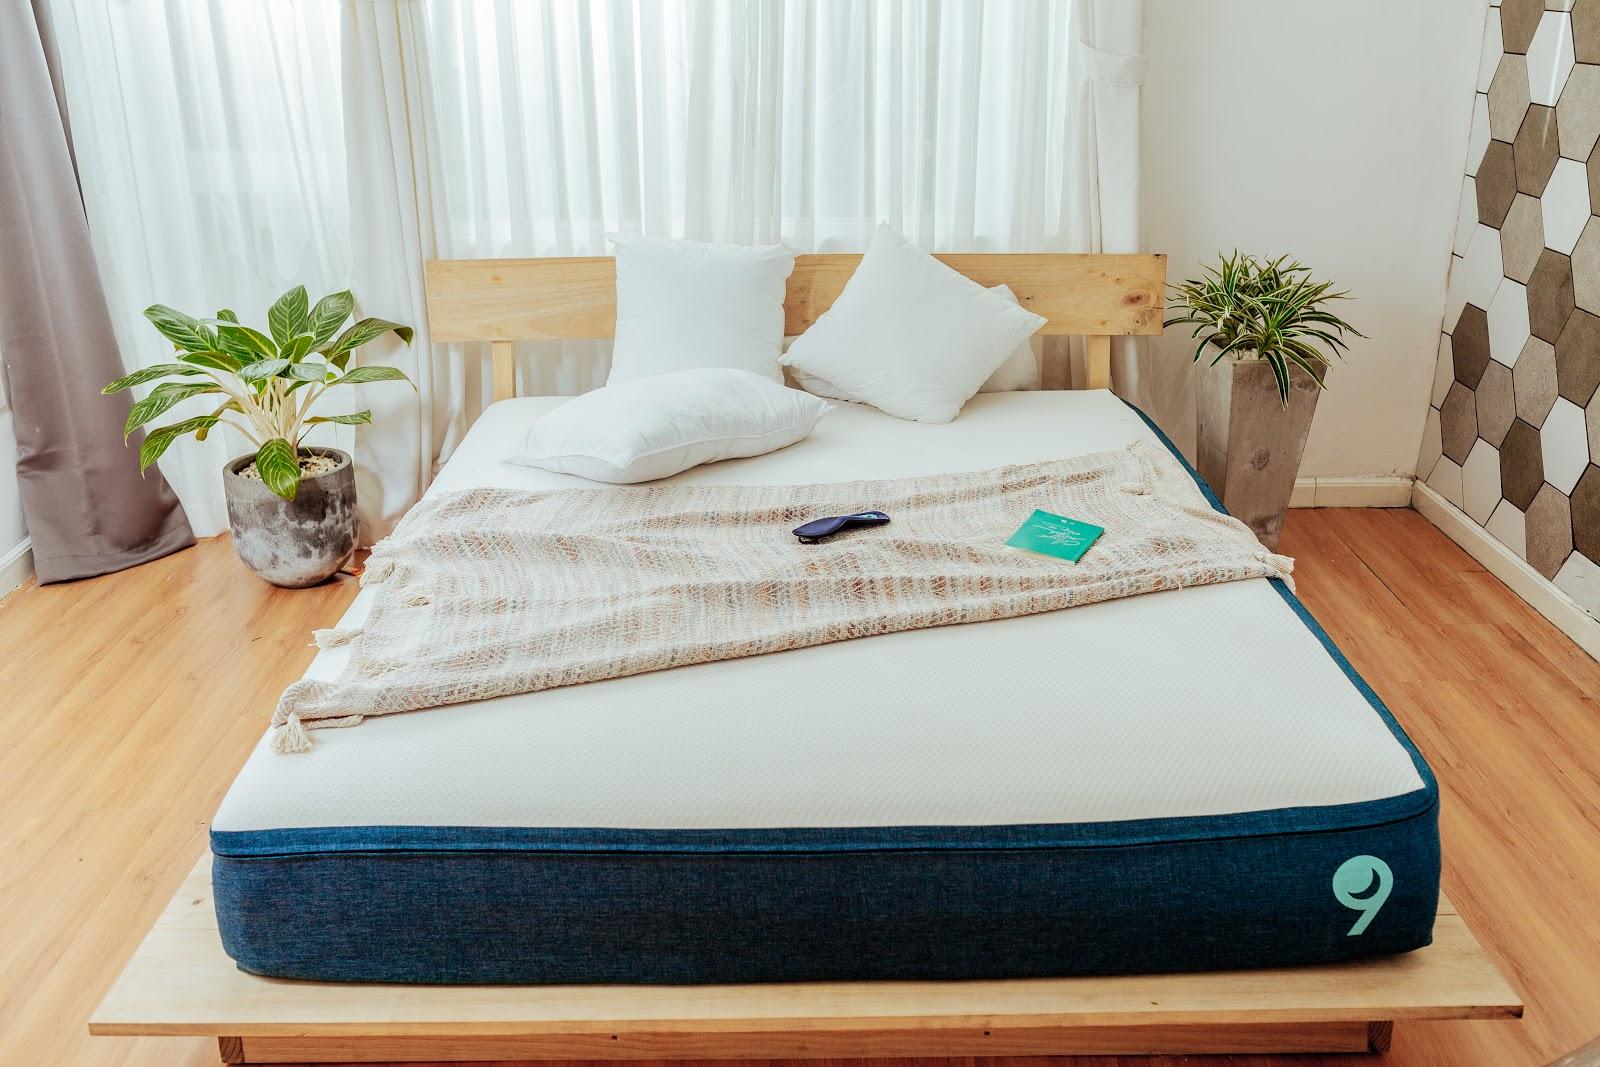 Mua đệm ngủ tốt cho sức khỏe